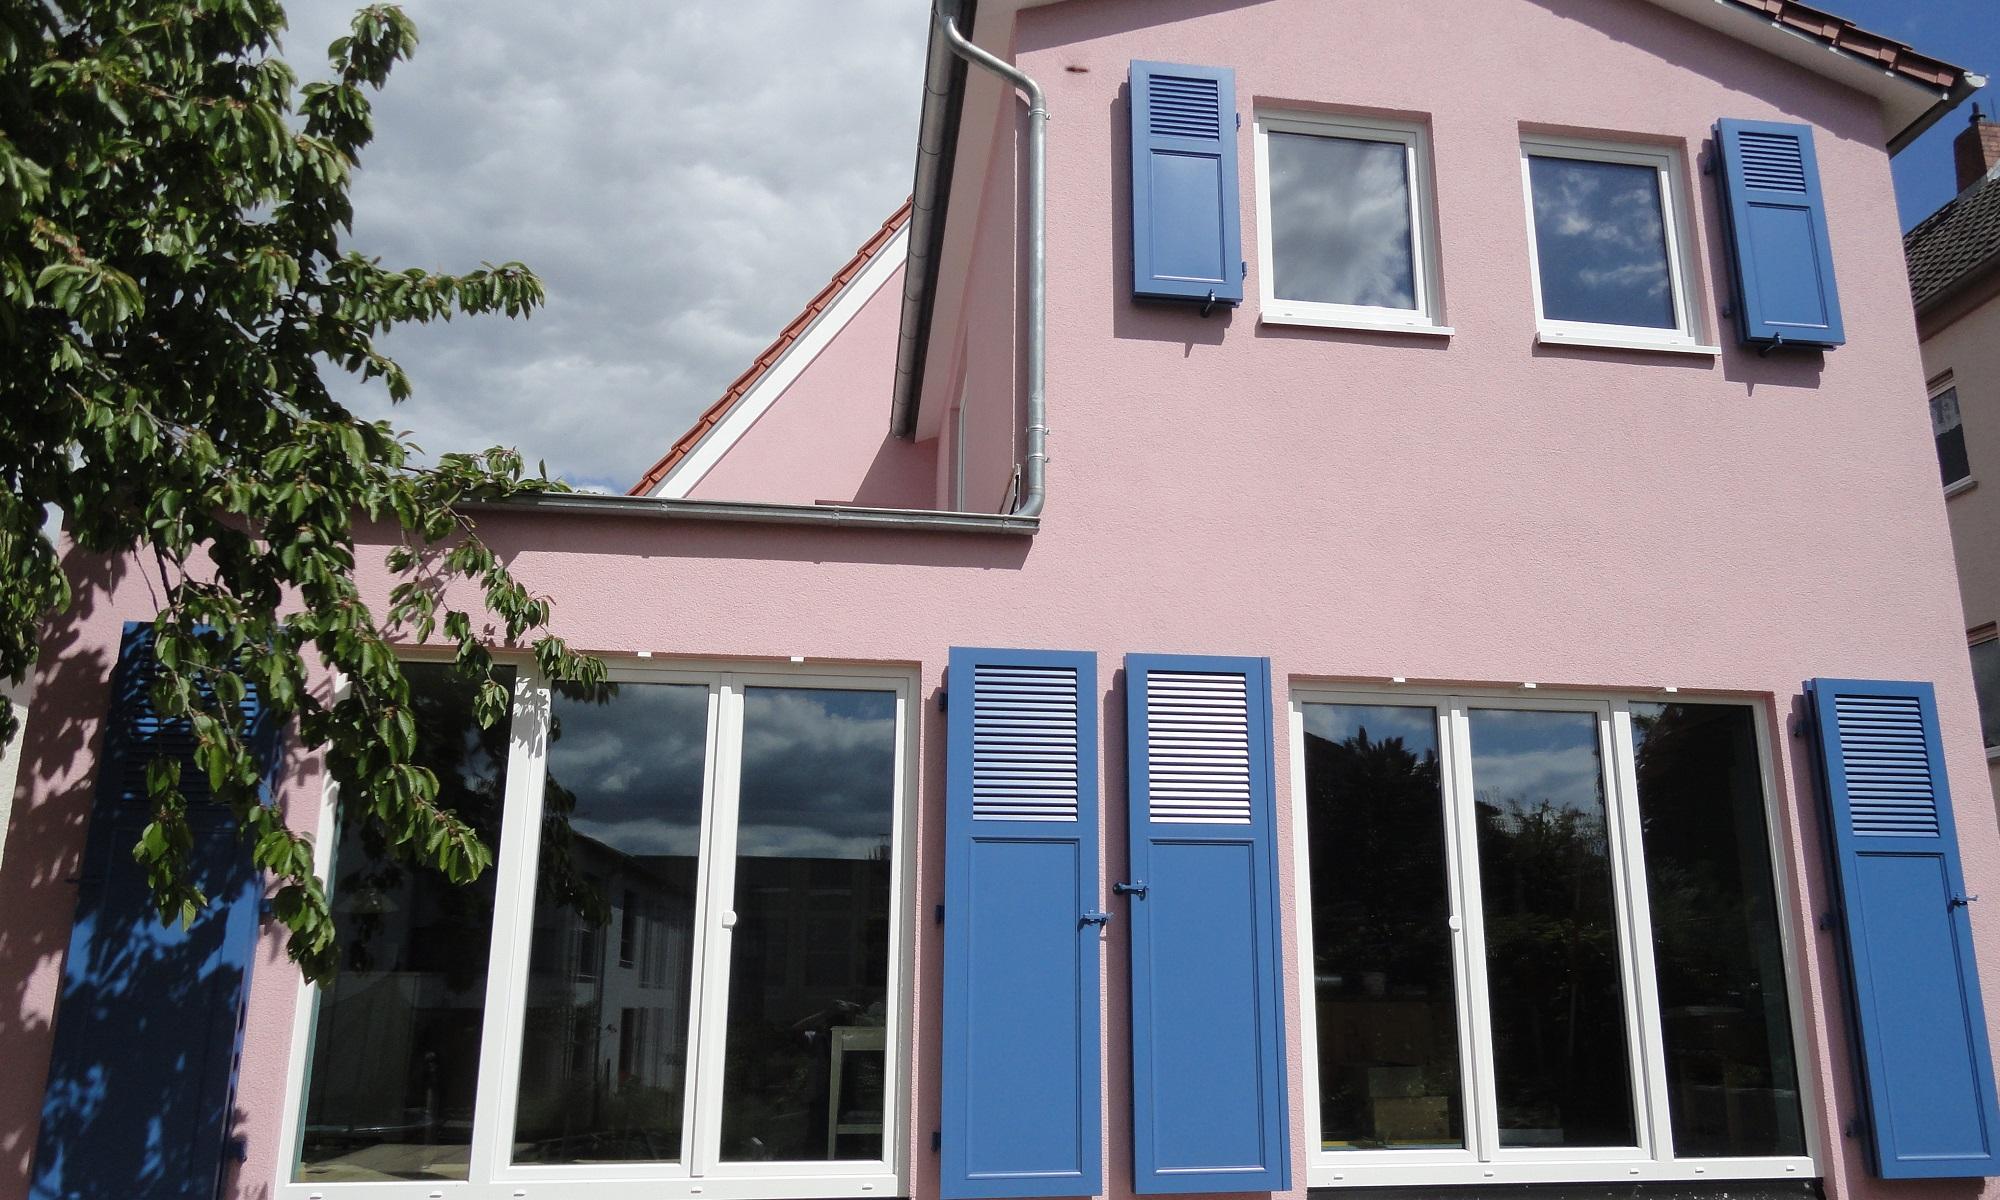 Fensterladen / Klappladen aus Holz oder Aluminium, Schiebeläden, Faltschiebeläden